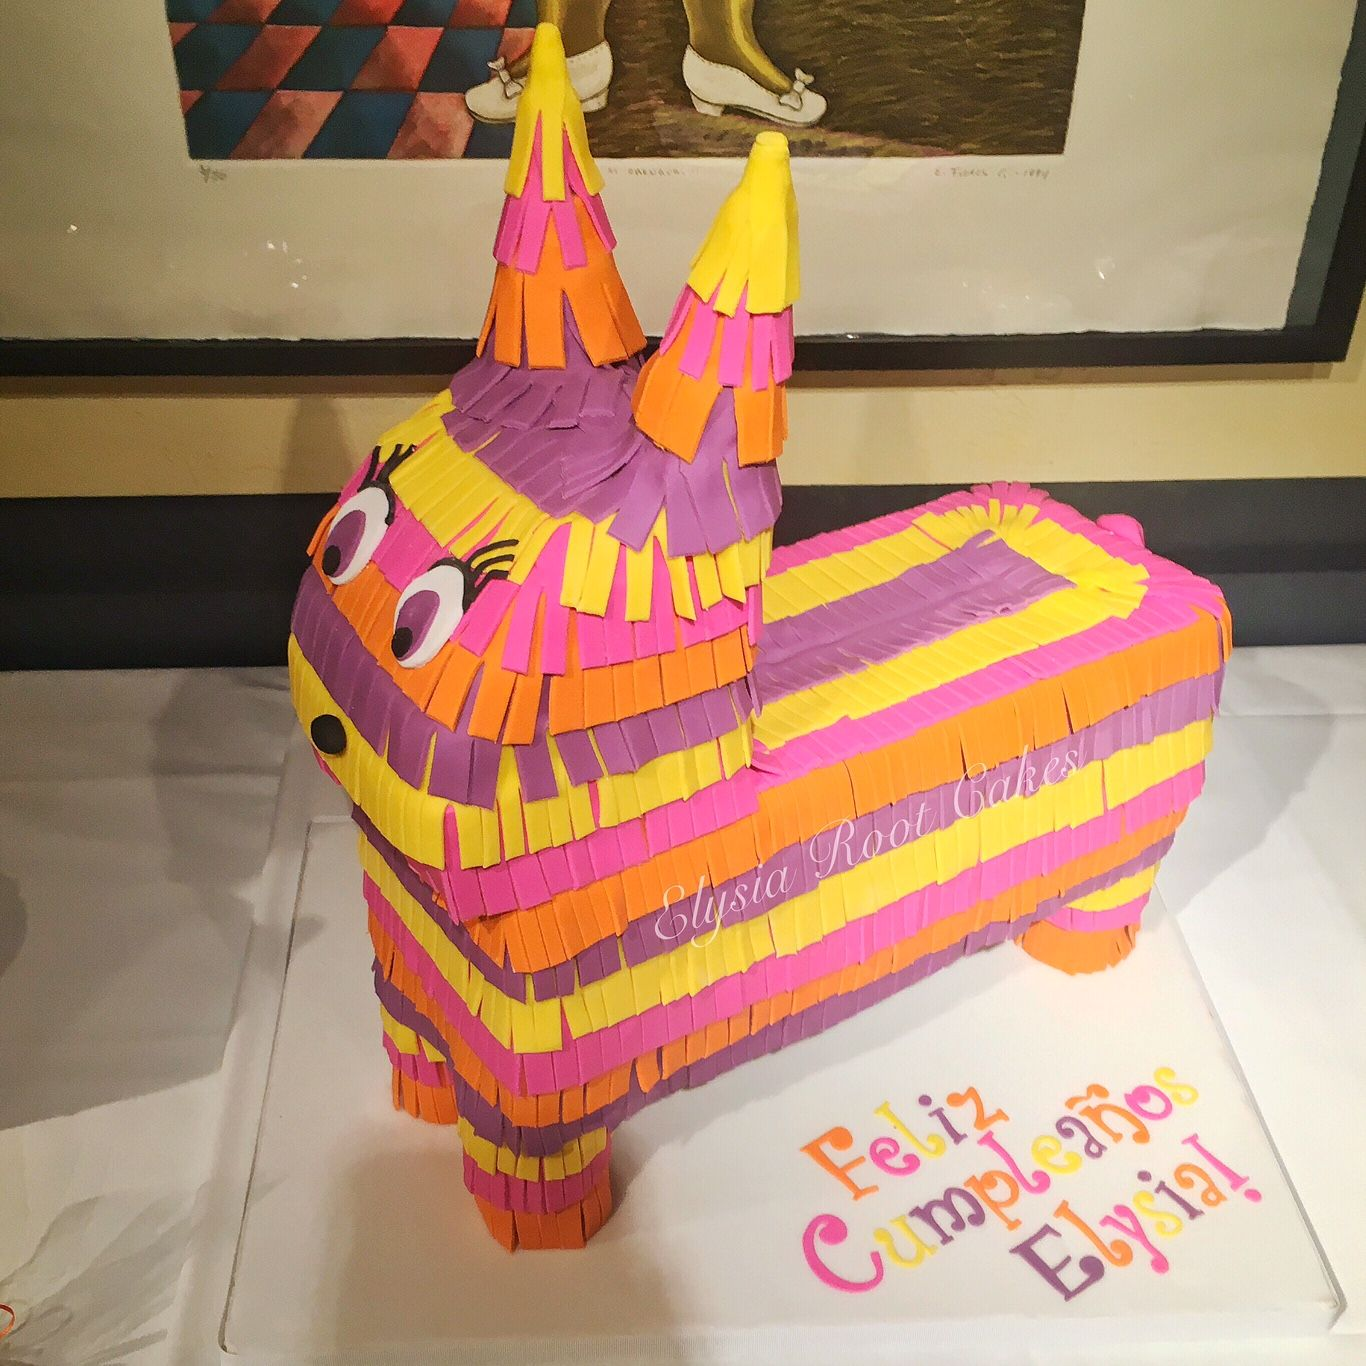 Elysia's piñata birthday cake! Cake by Elysia Root Cakes